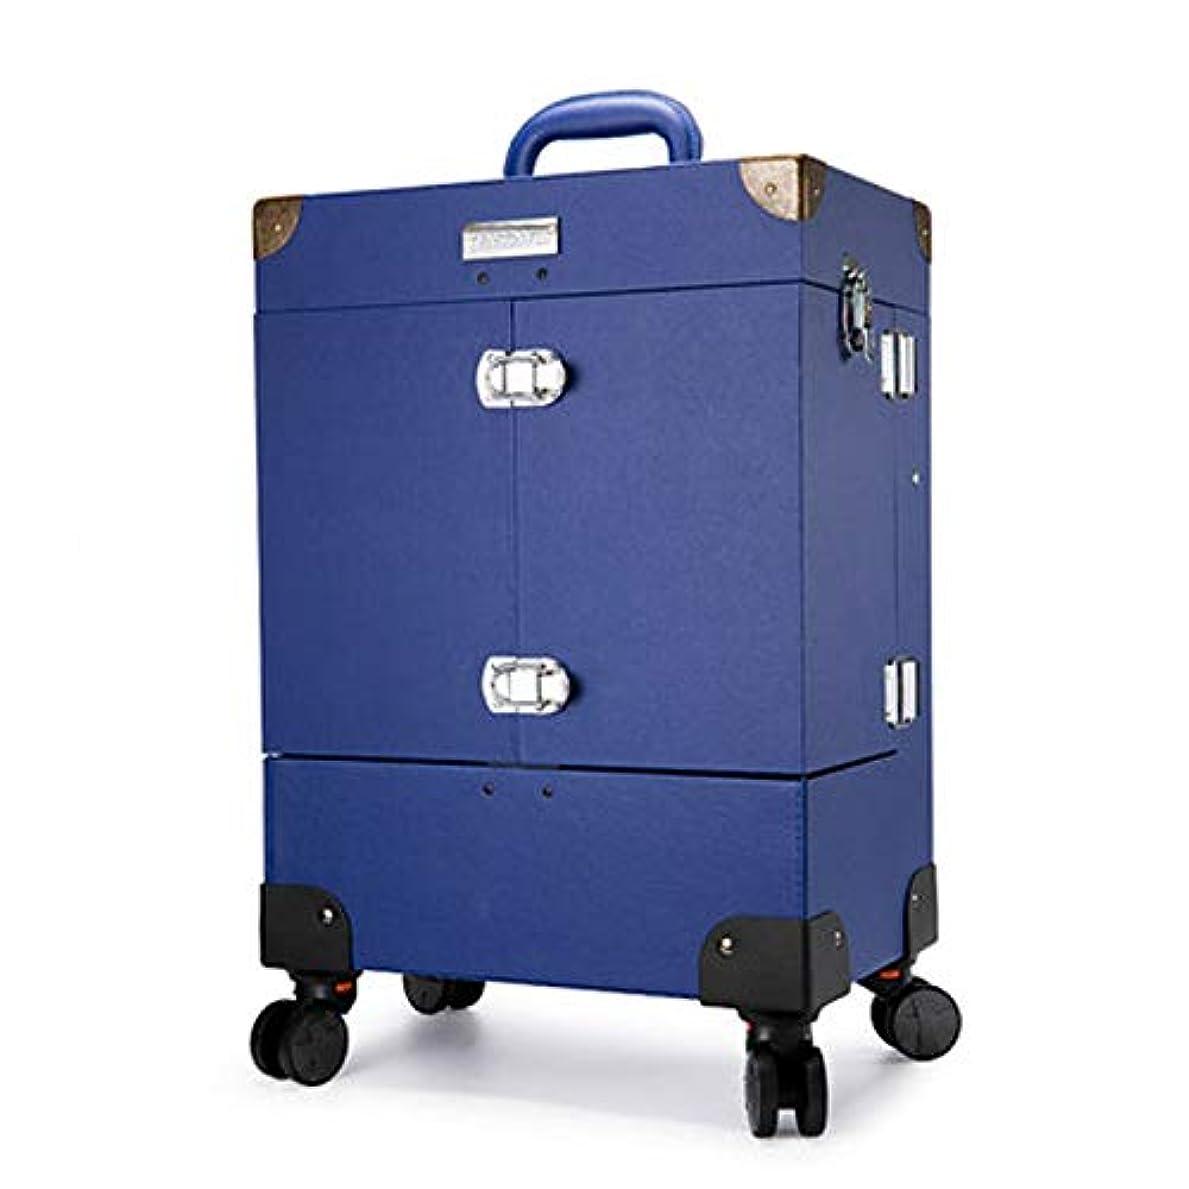 クマノミ性差別凶暴なプロ専用 ネイリスト クローゼット スーツケース ネイル収納 メイクボックス キャリーバッグ ヘアメイク ネイル 大容量 軽量 高品質 多機能 プロ I-JL-3505T-BL